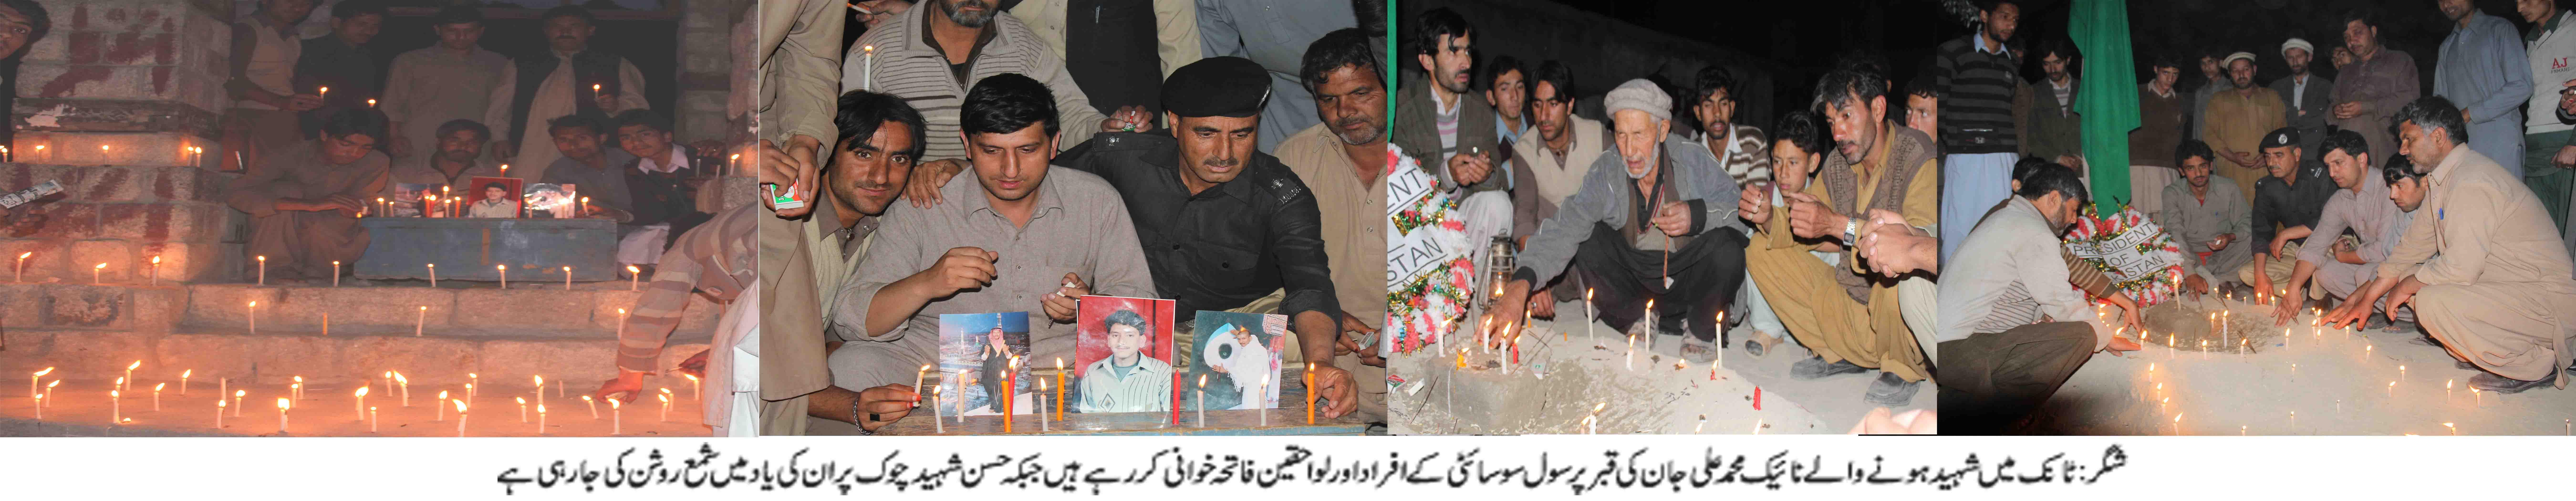 شگر: شہید نائیک محمد علی جان کی یاد میں شمع روشن کی گئیں